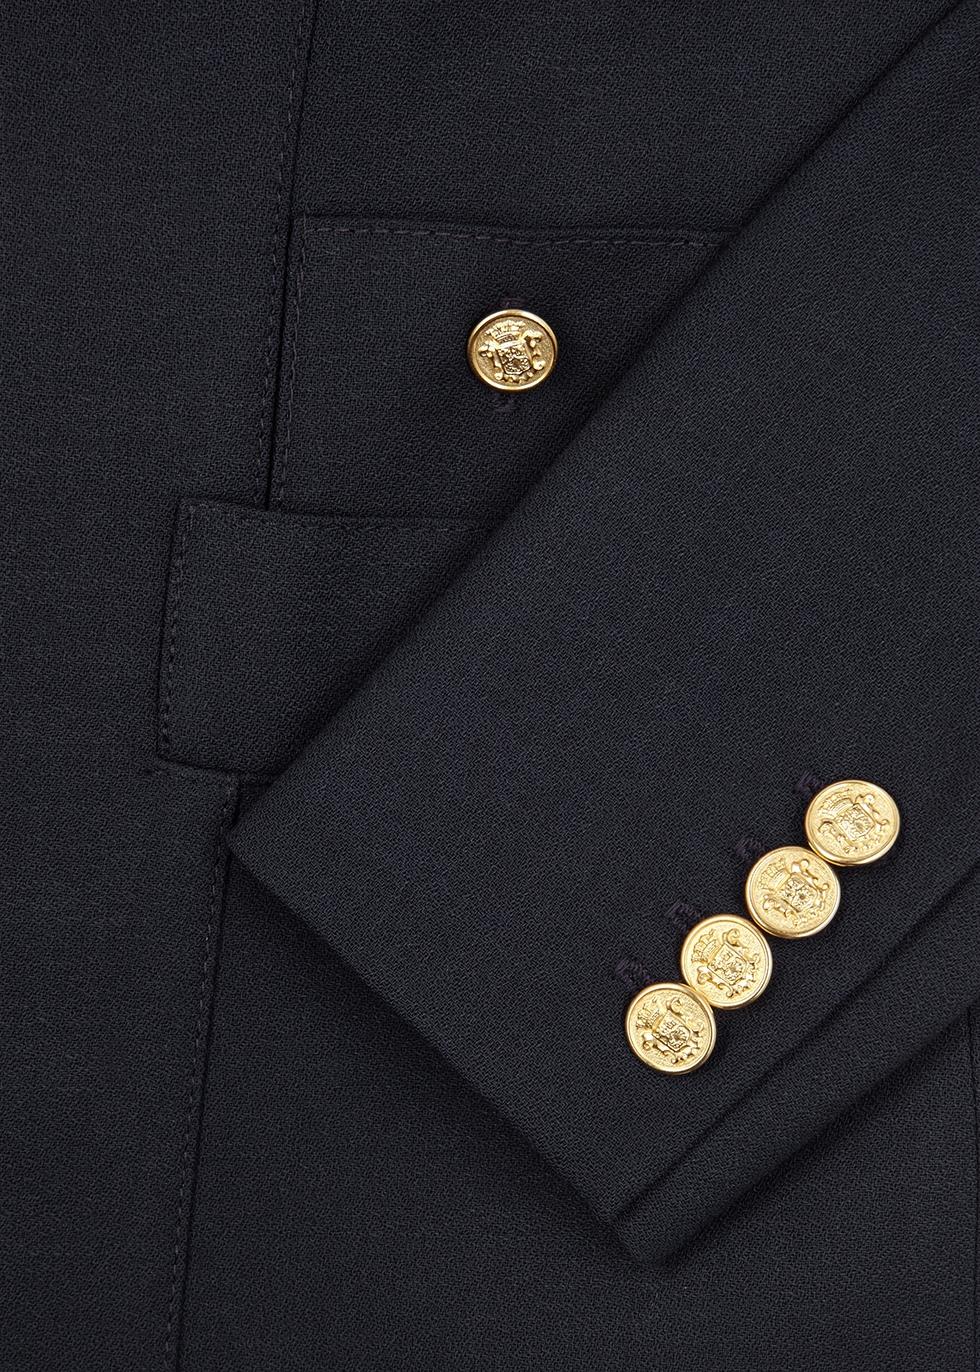 Duchess navy wool blazer - Smythe